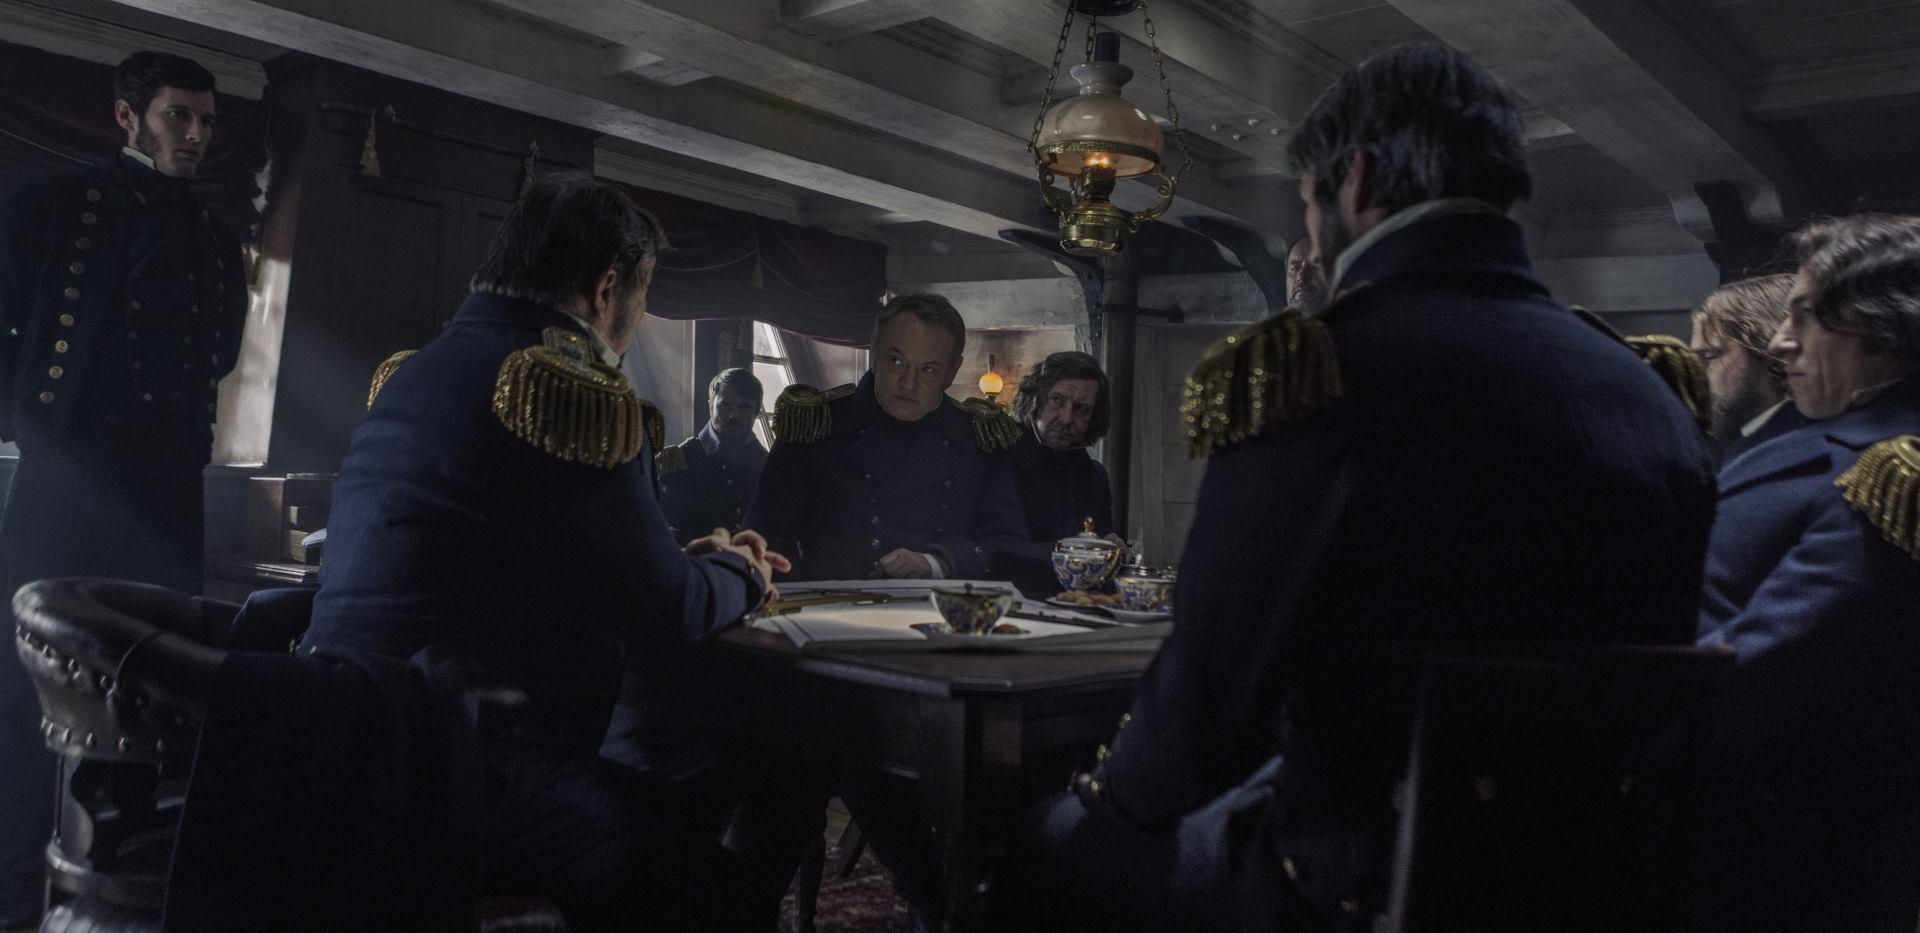 Triler serija Ridleya Scotta, koja je snimana na Pagu, premijerno se prikazuje na kanalu AMC